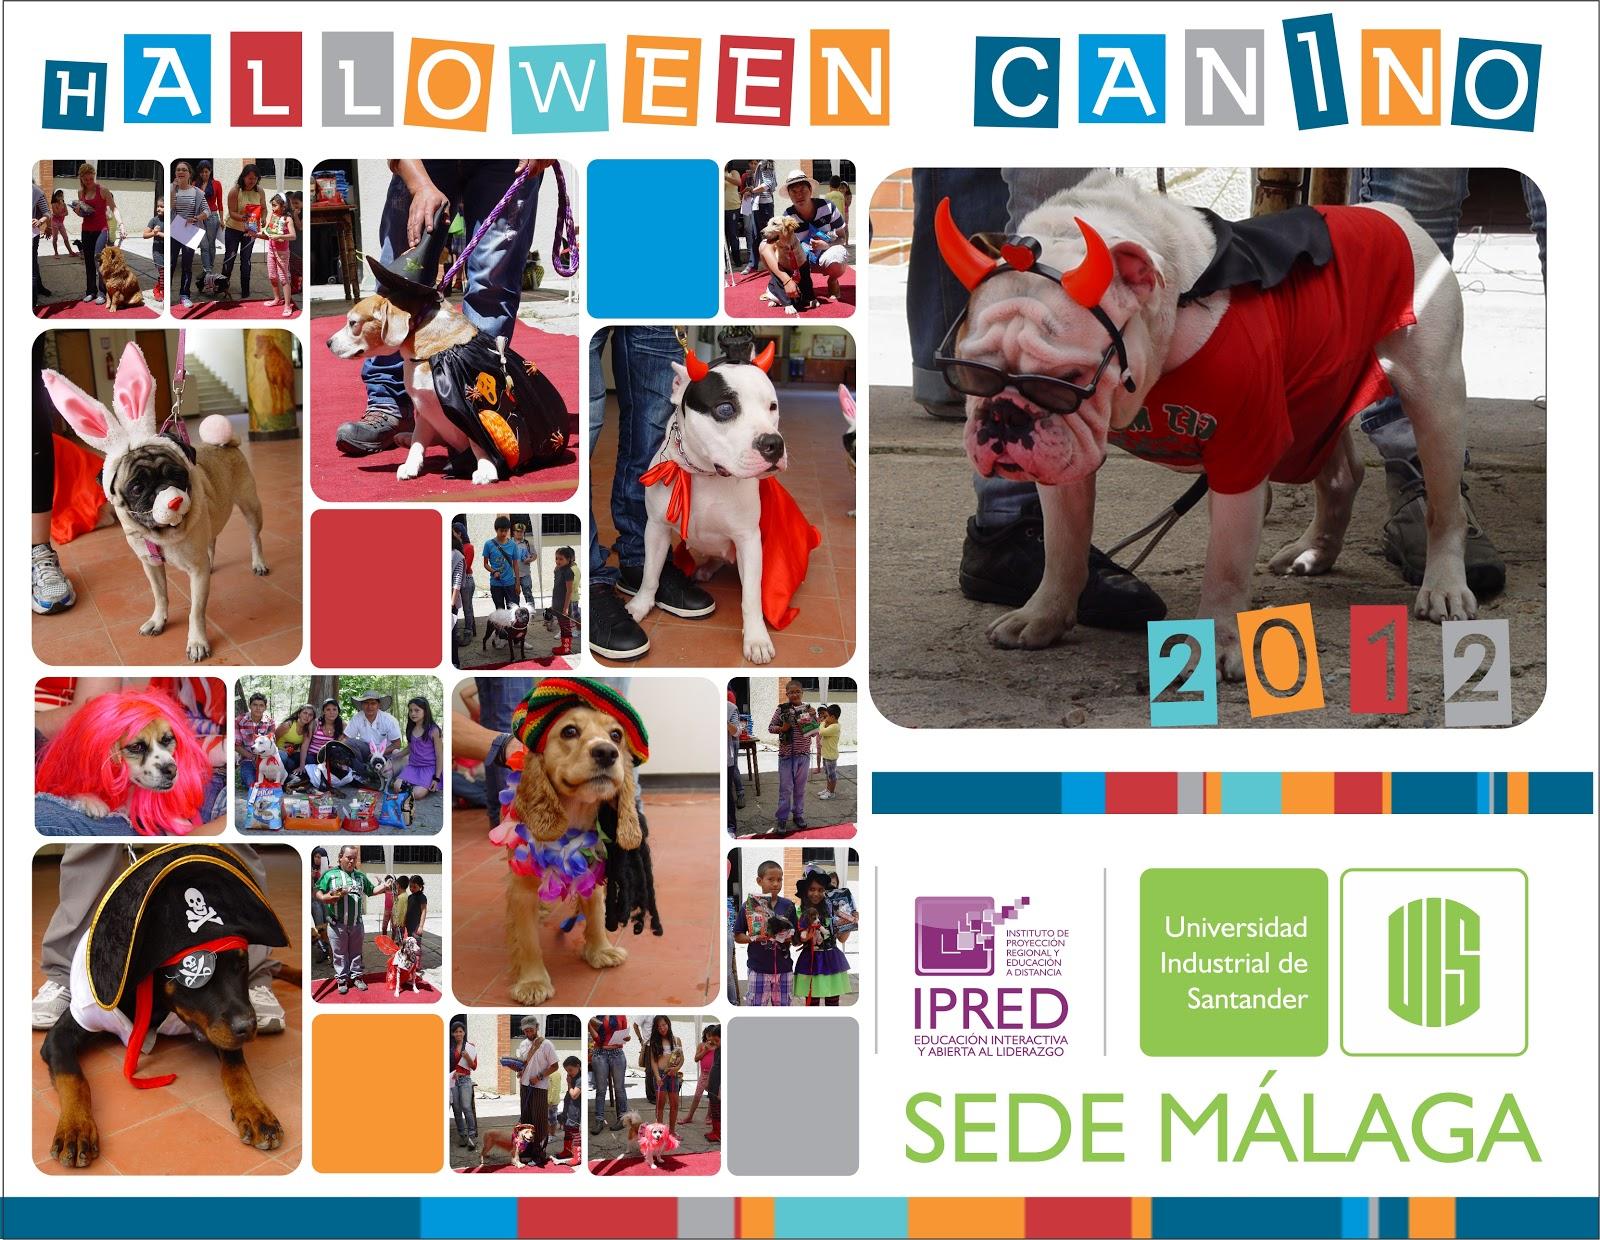 Sede uis m laga halloween canino 2012 concurso de for Oficina ing malaga